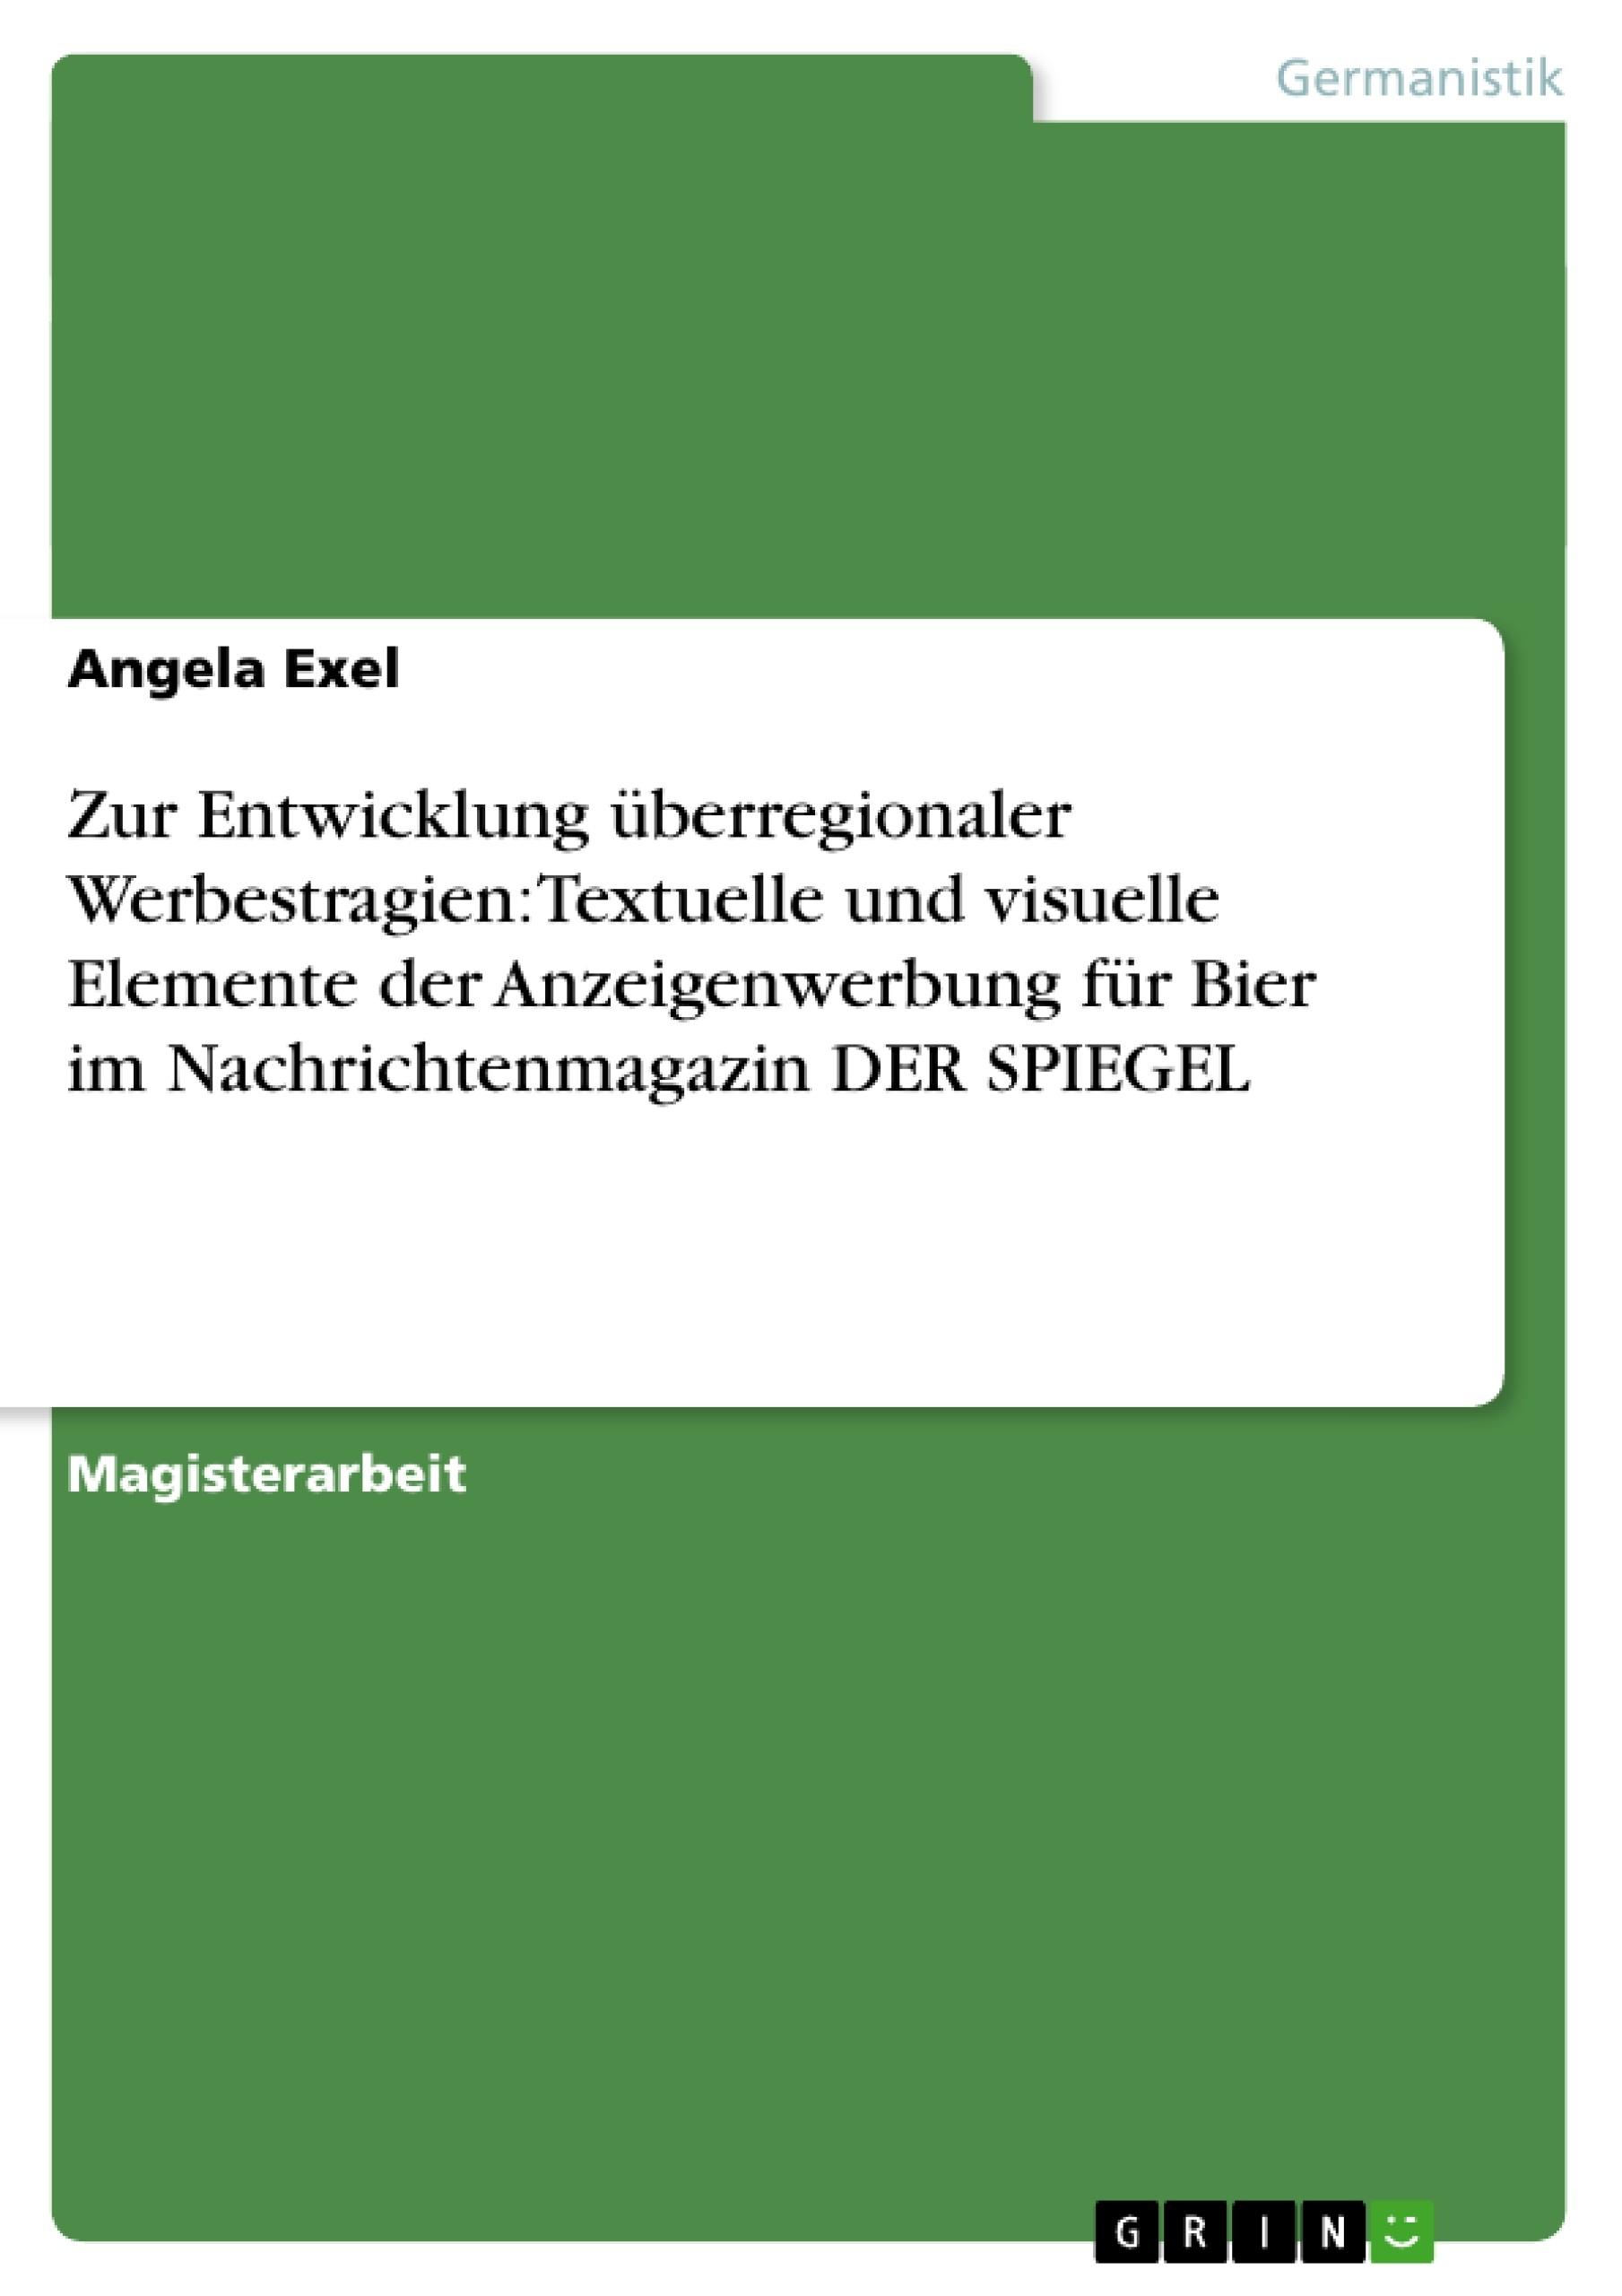 Titel: Zur Entwicklung überregionaler Werbestragien: Textuelle und visuelle Elemente der Anzeigenwerbung für Bier im Nachrichtenmagazin DER SPIEGEL